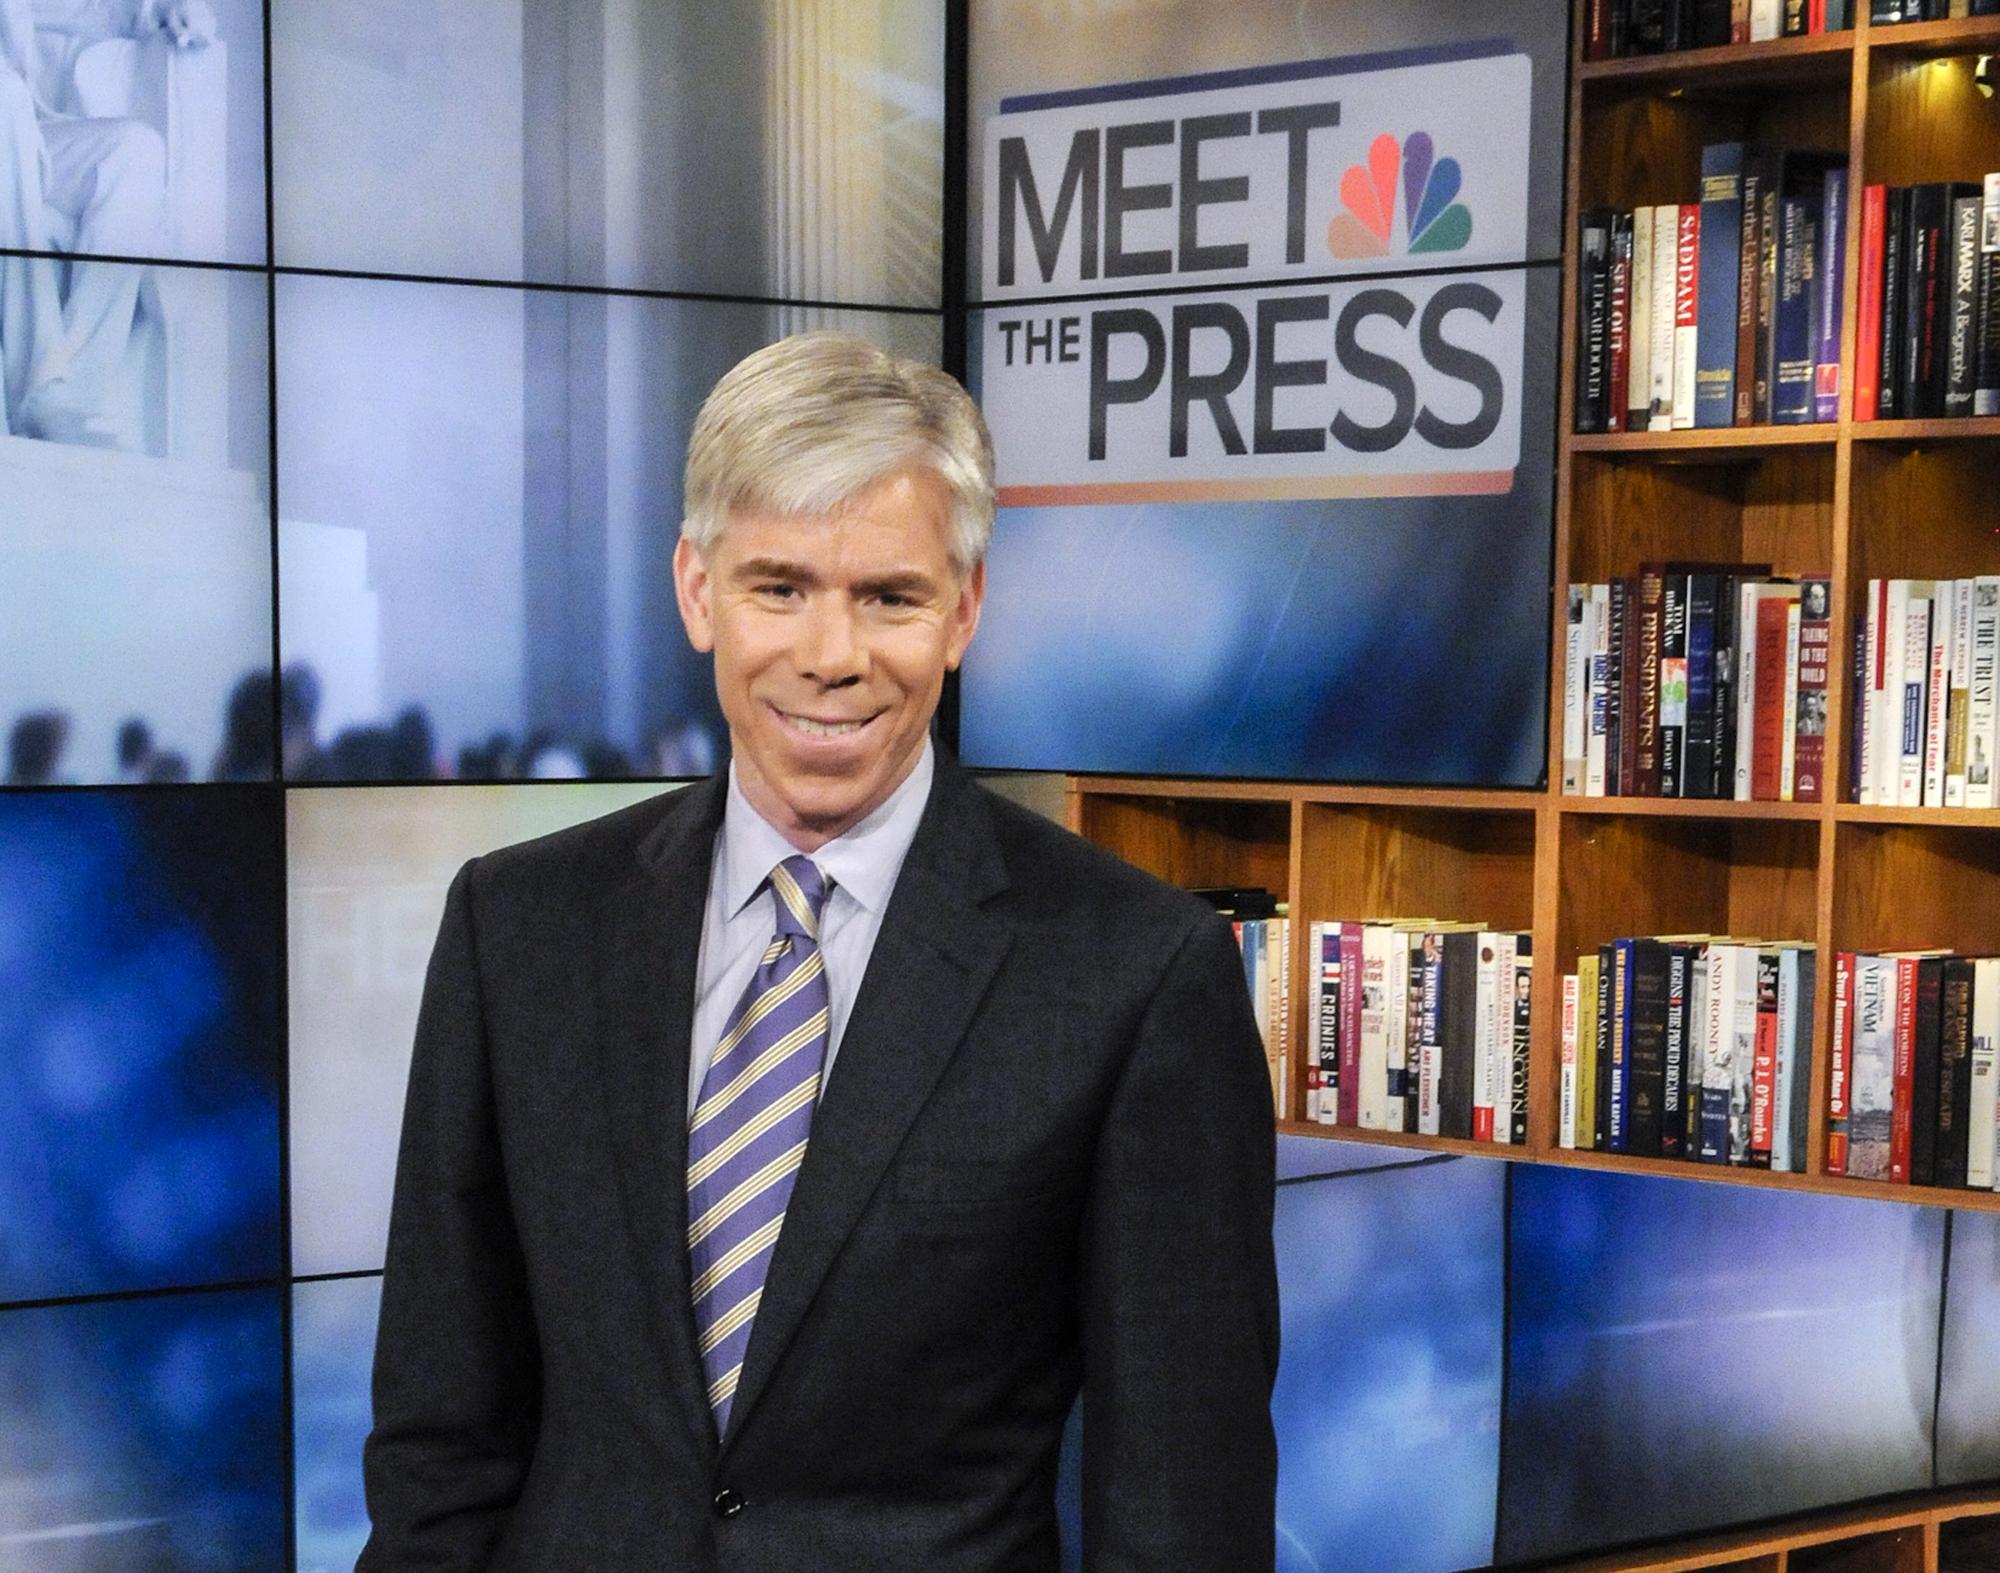 nbc tv meet the press